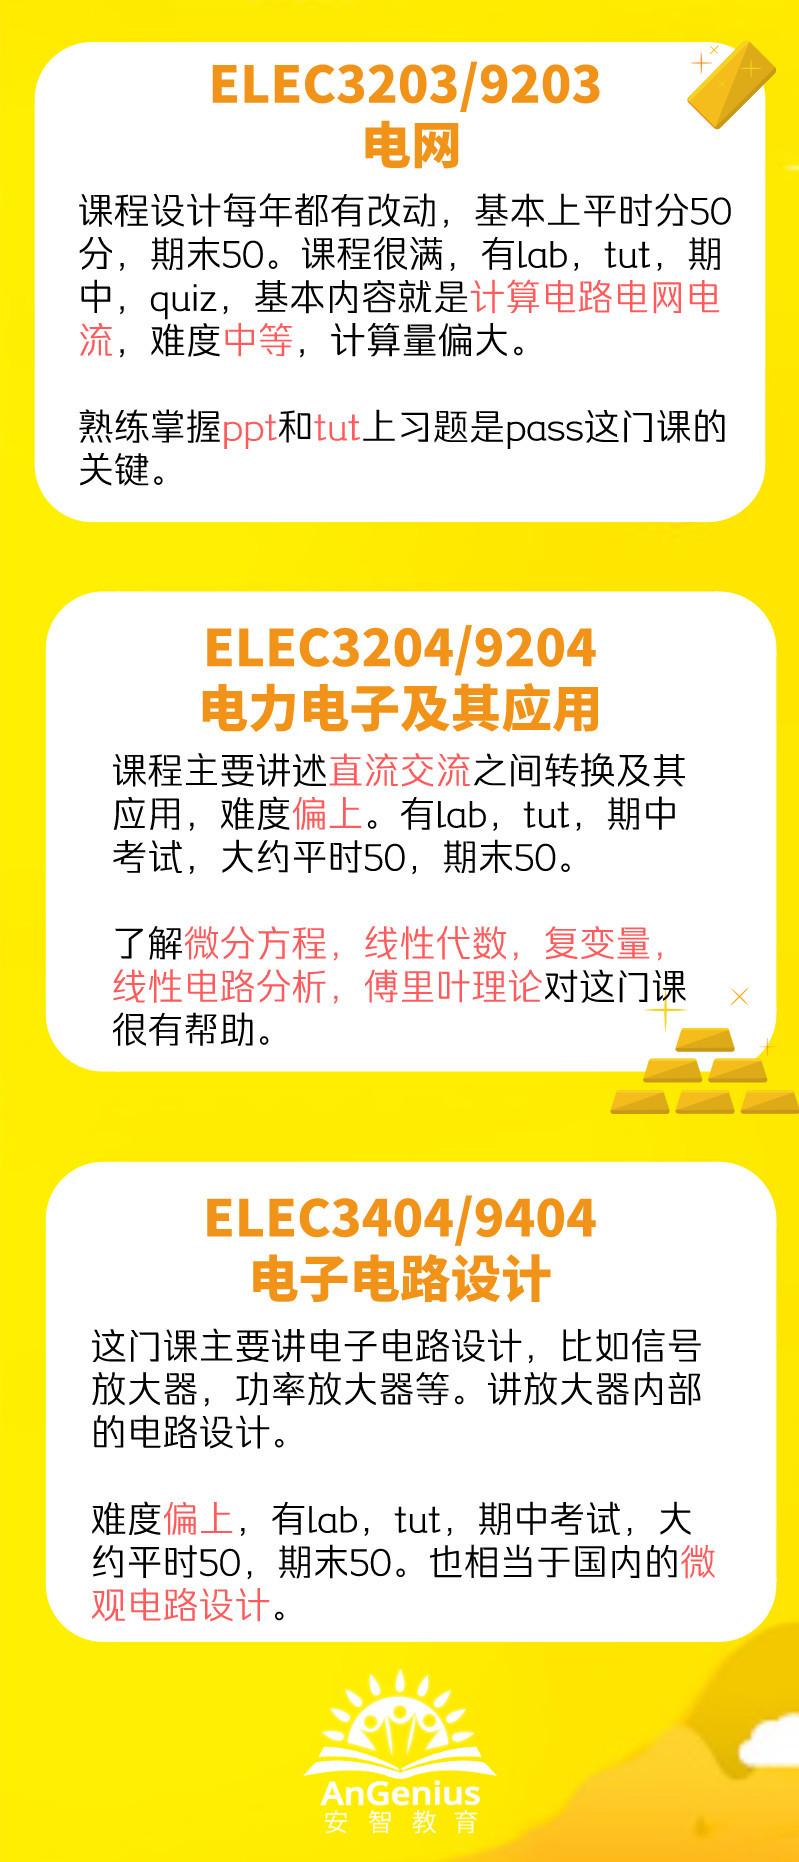 elec3203, ELEC3203/9203, ELEC3204/9204, ELEC3404/9404